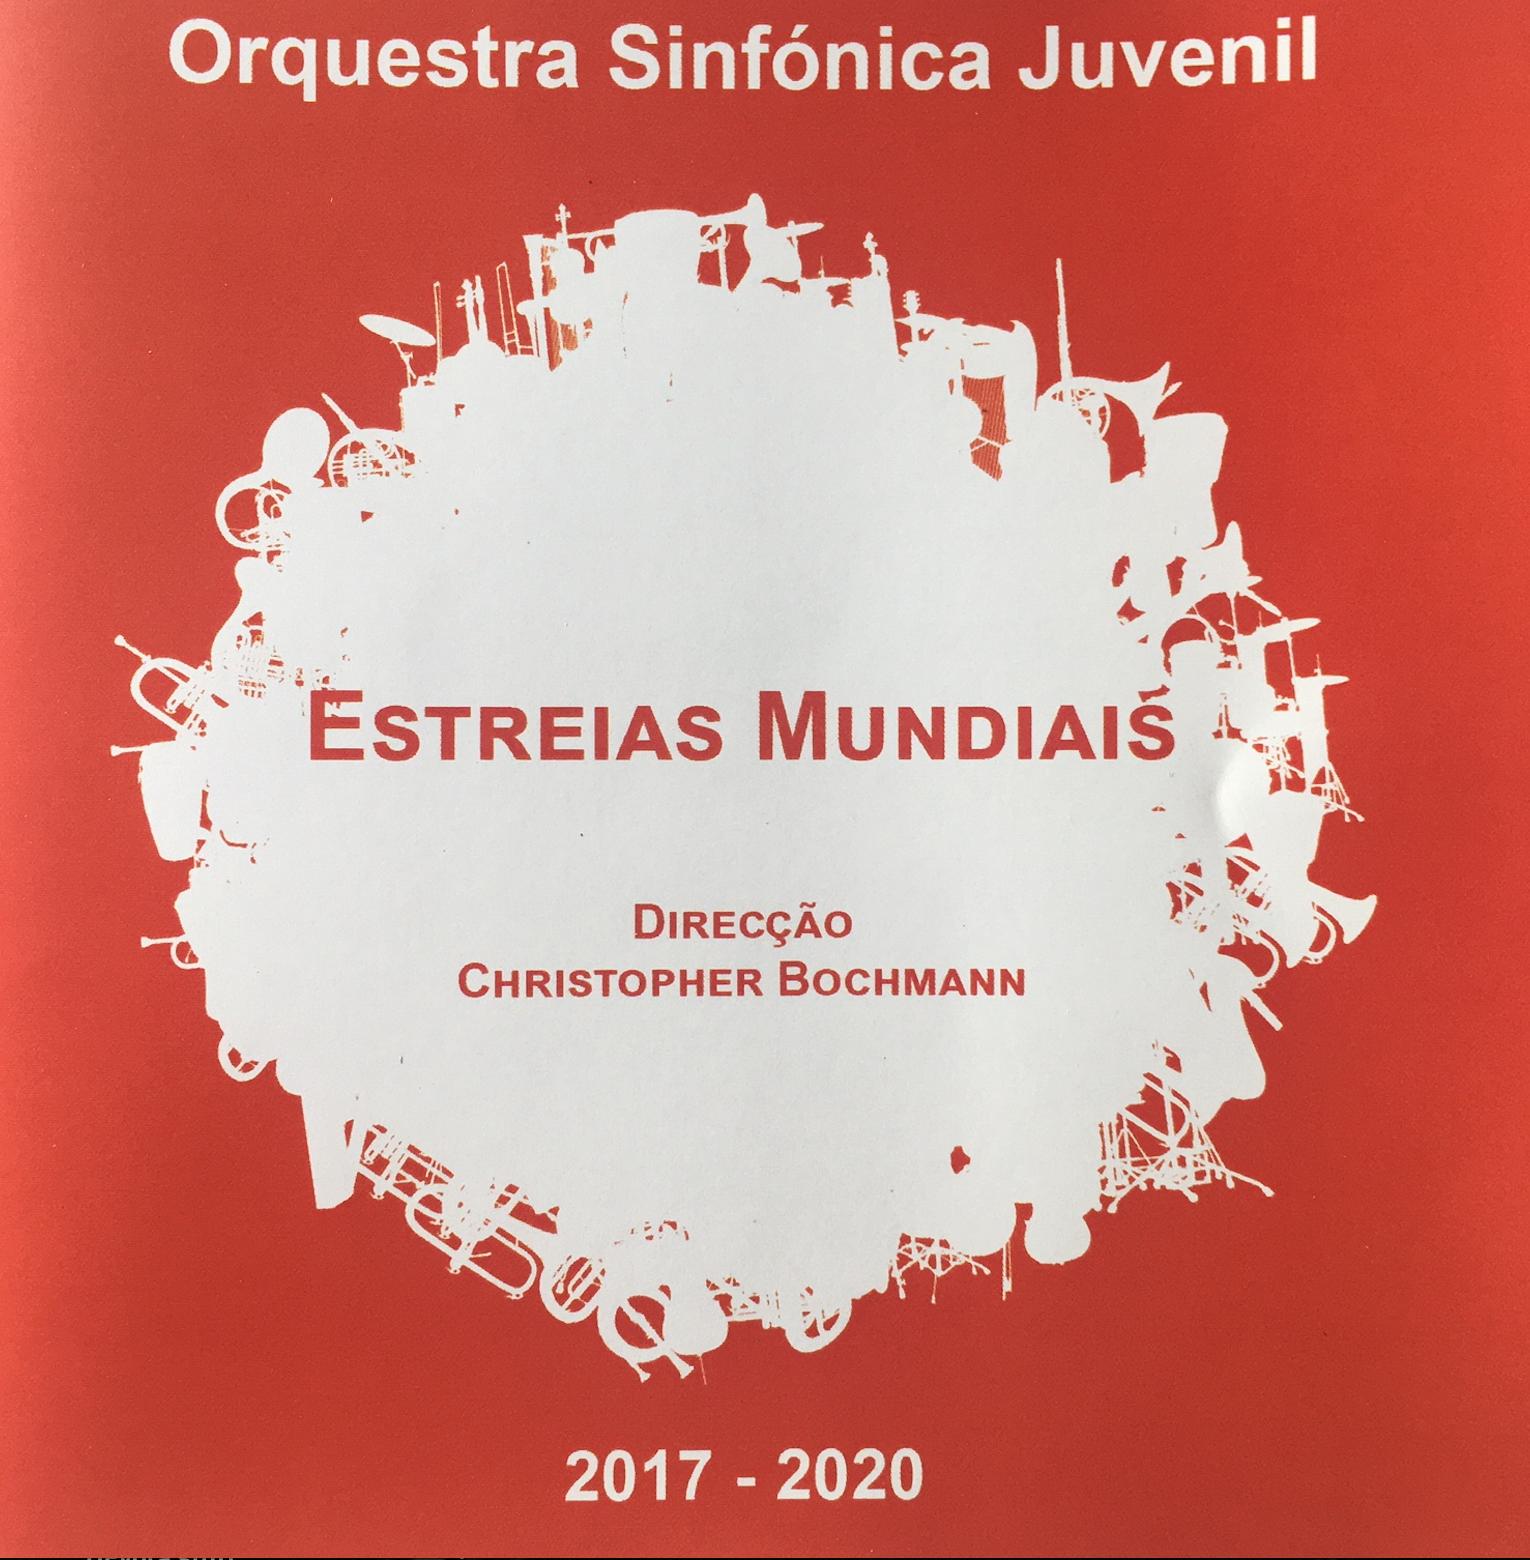 OSJ Estreias Mundiais 2017, 2020